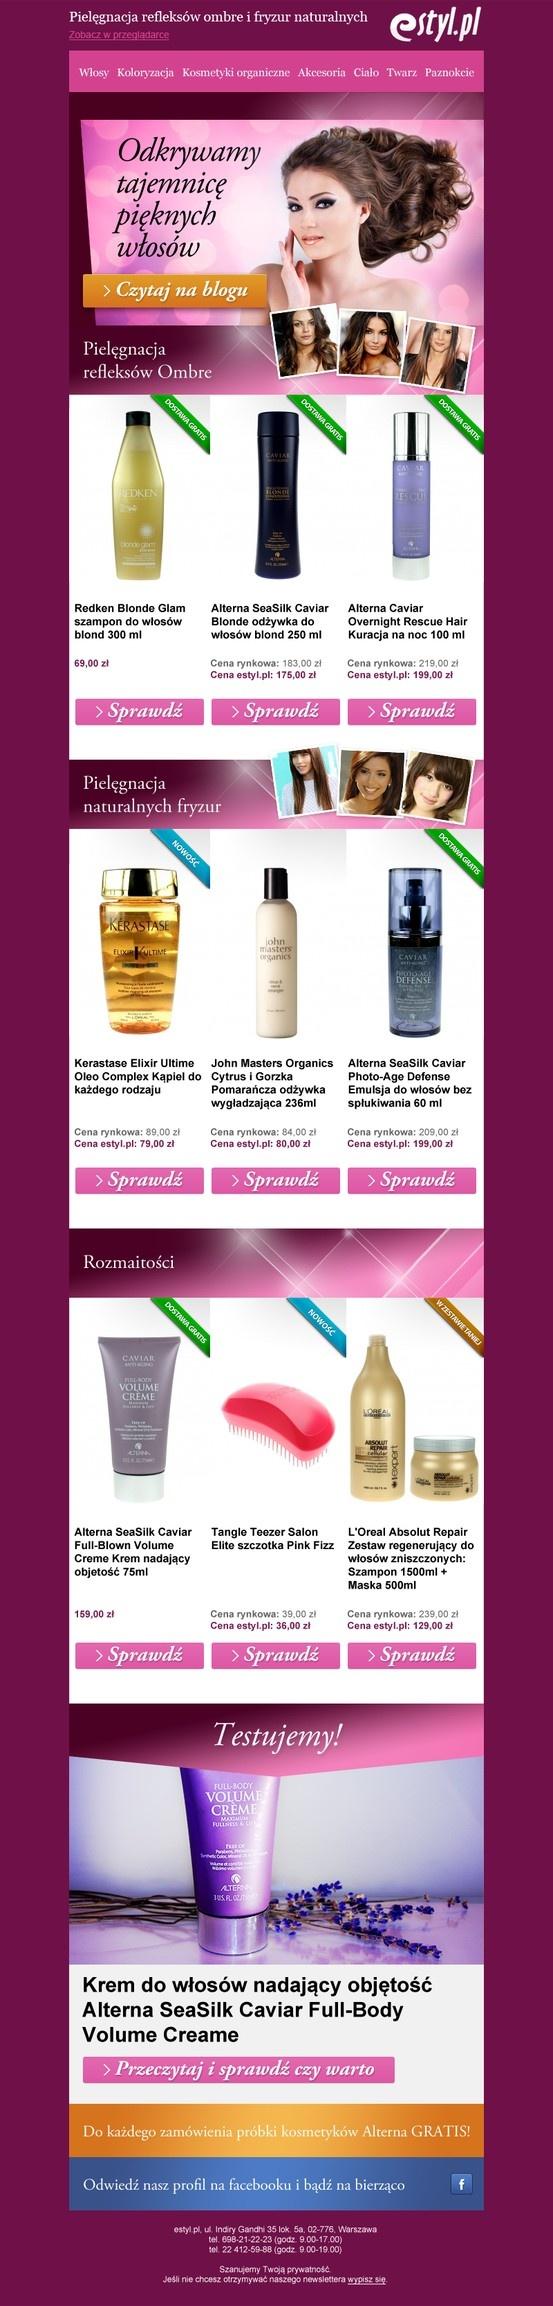 Newsletter dla estyl.pl, sklepu z luksusowymi kosmetykami po przystępnych cenach.